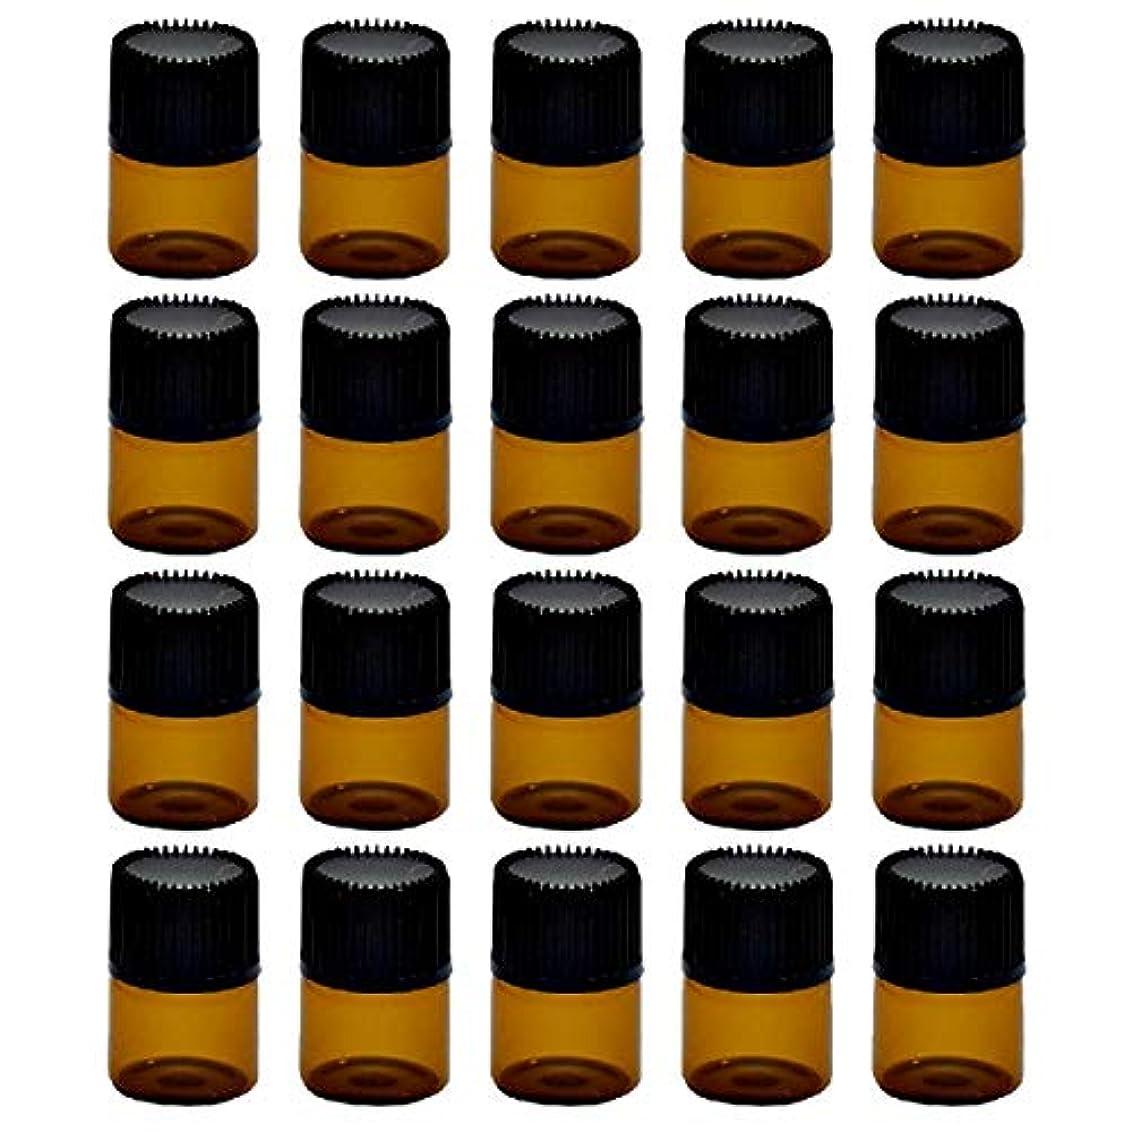 ドリルある奇跡ZERONOWA 遮光瓶 アロマオイル 精油 小分け 保存 詰め替え 遮光ガラス瓶 (1ml20個セット)